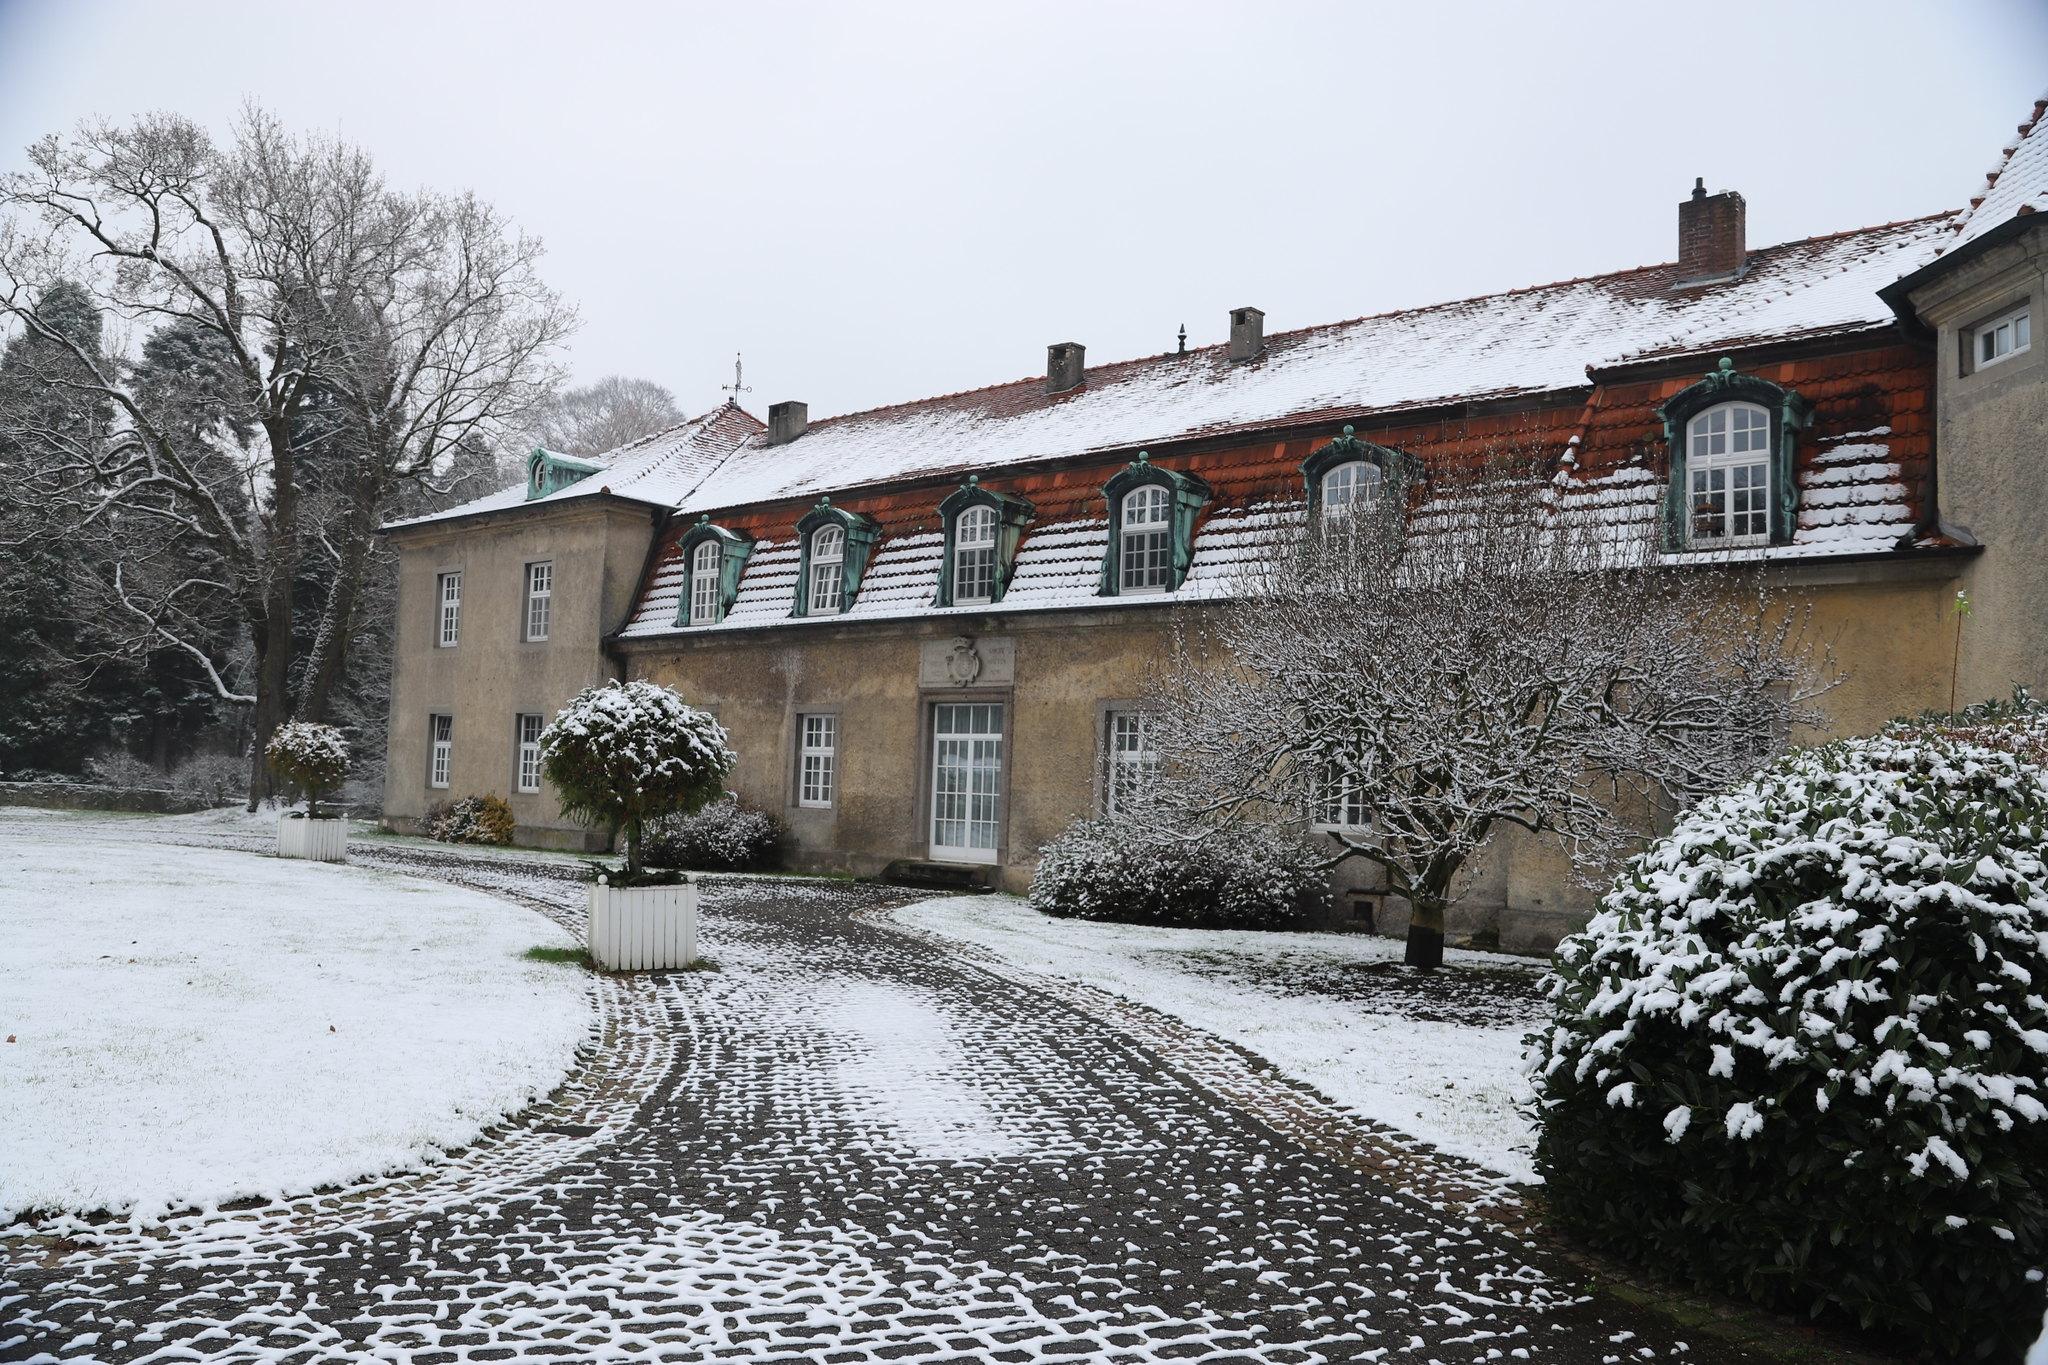 Winterlich_02-1_2021_002